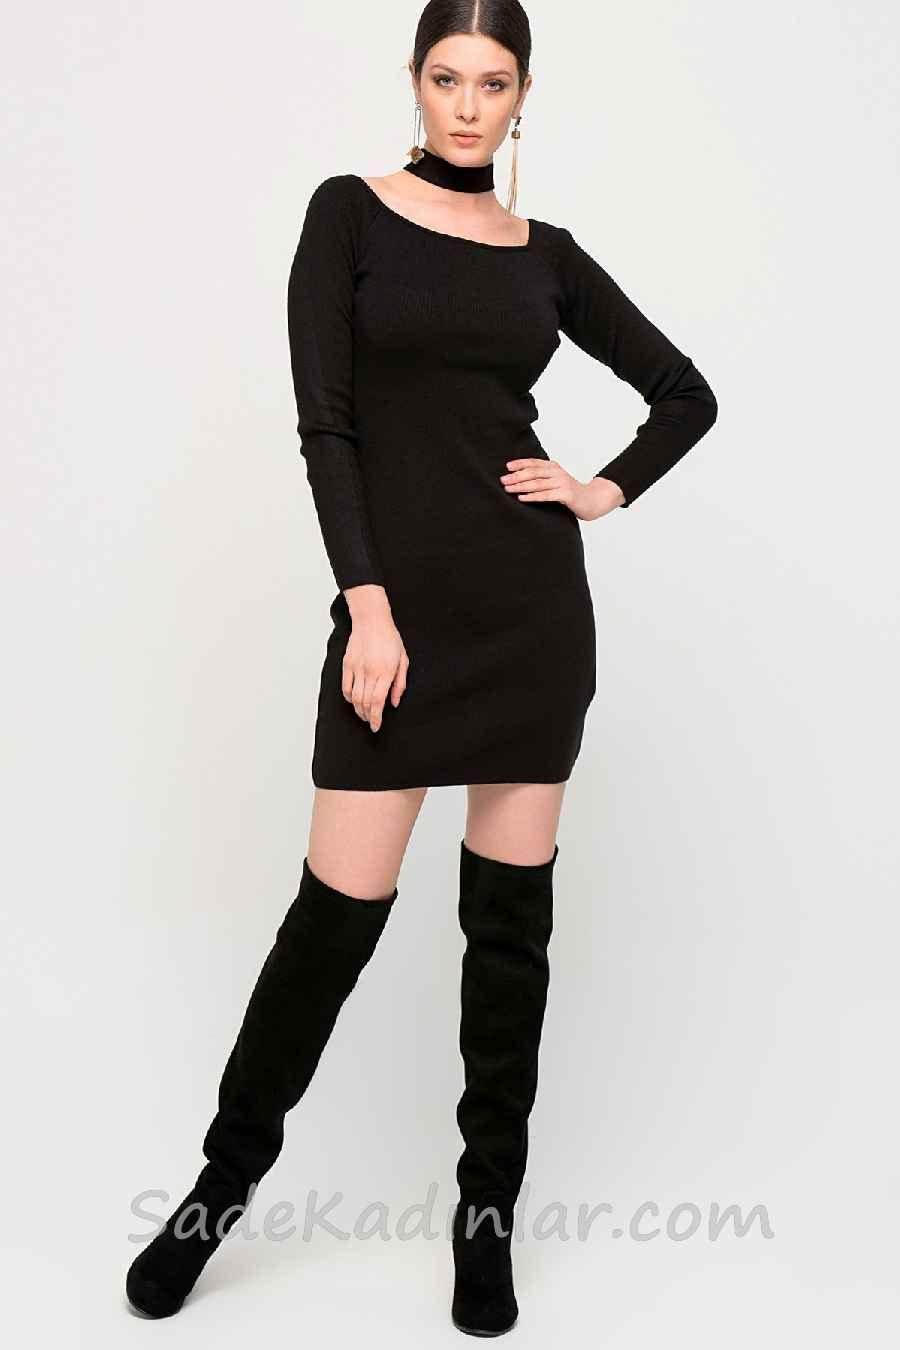 2021 Kislik Elbise Kombinleri Siyah Kisa Genis Yaka Uzun Kollu Sade Moda Moda Stilleri Kadin Modasi